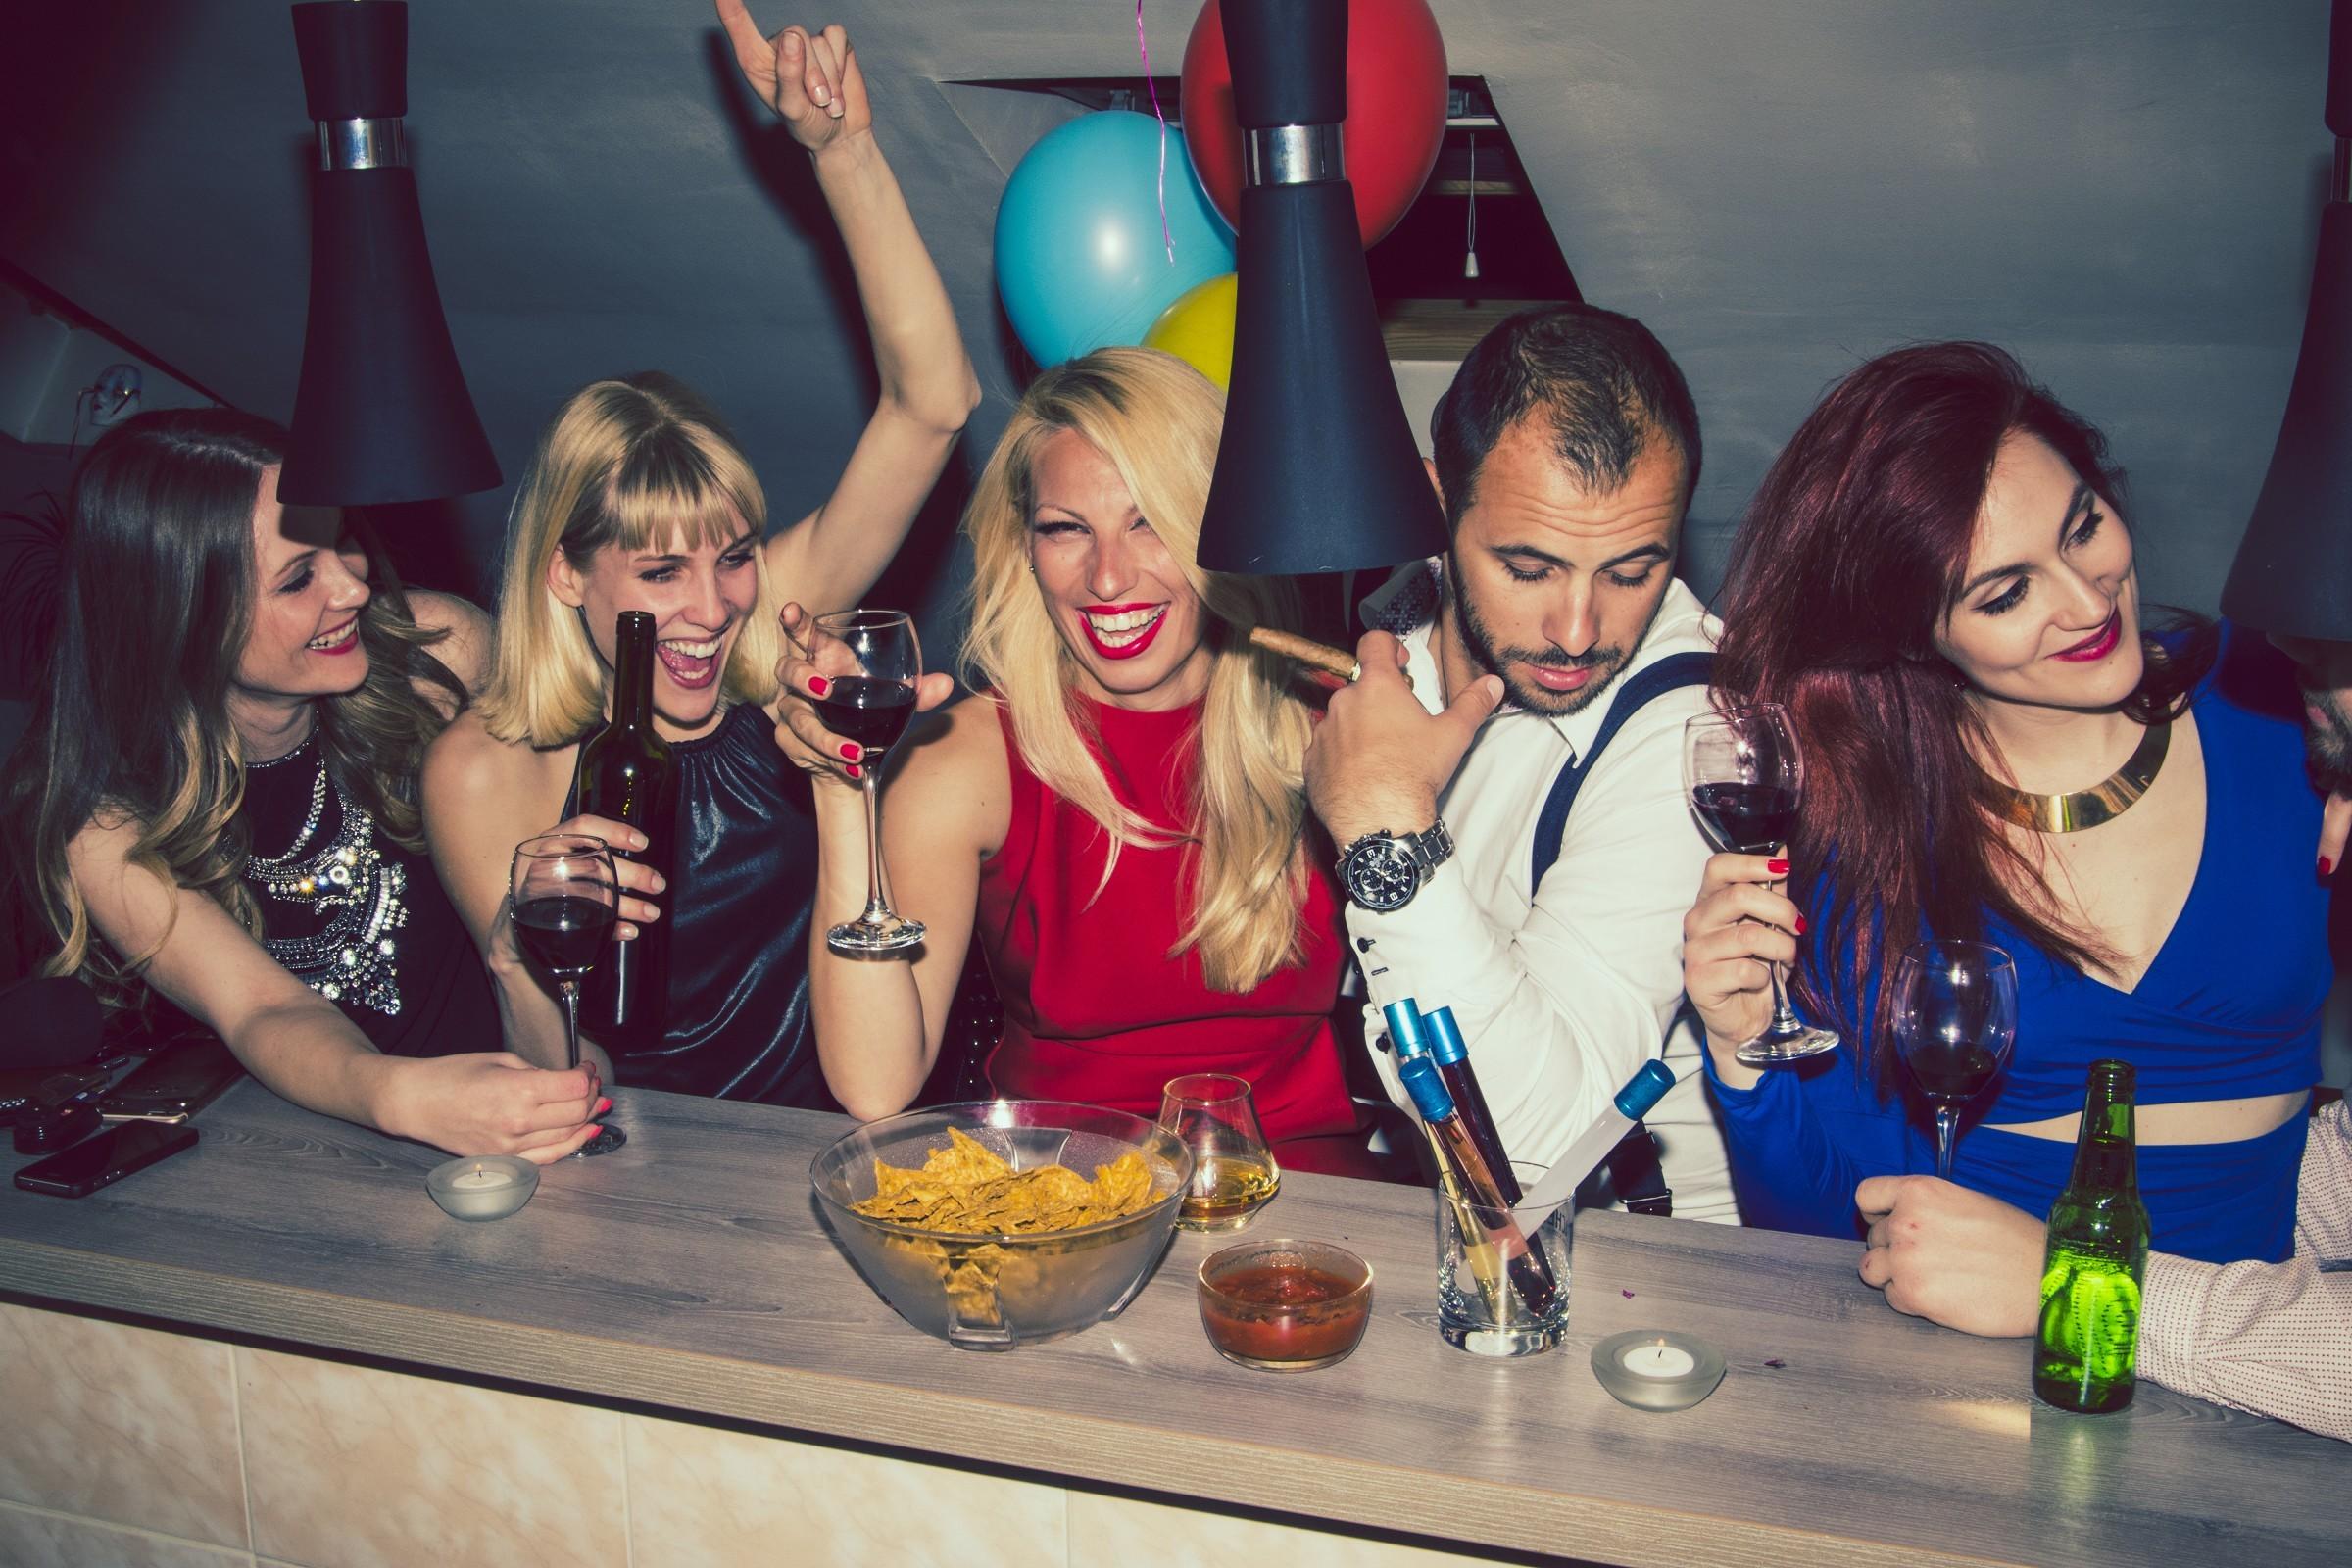 Anuncios clasificados lugares de ocio - ymas bares - centros nocturnos - clubes